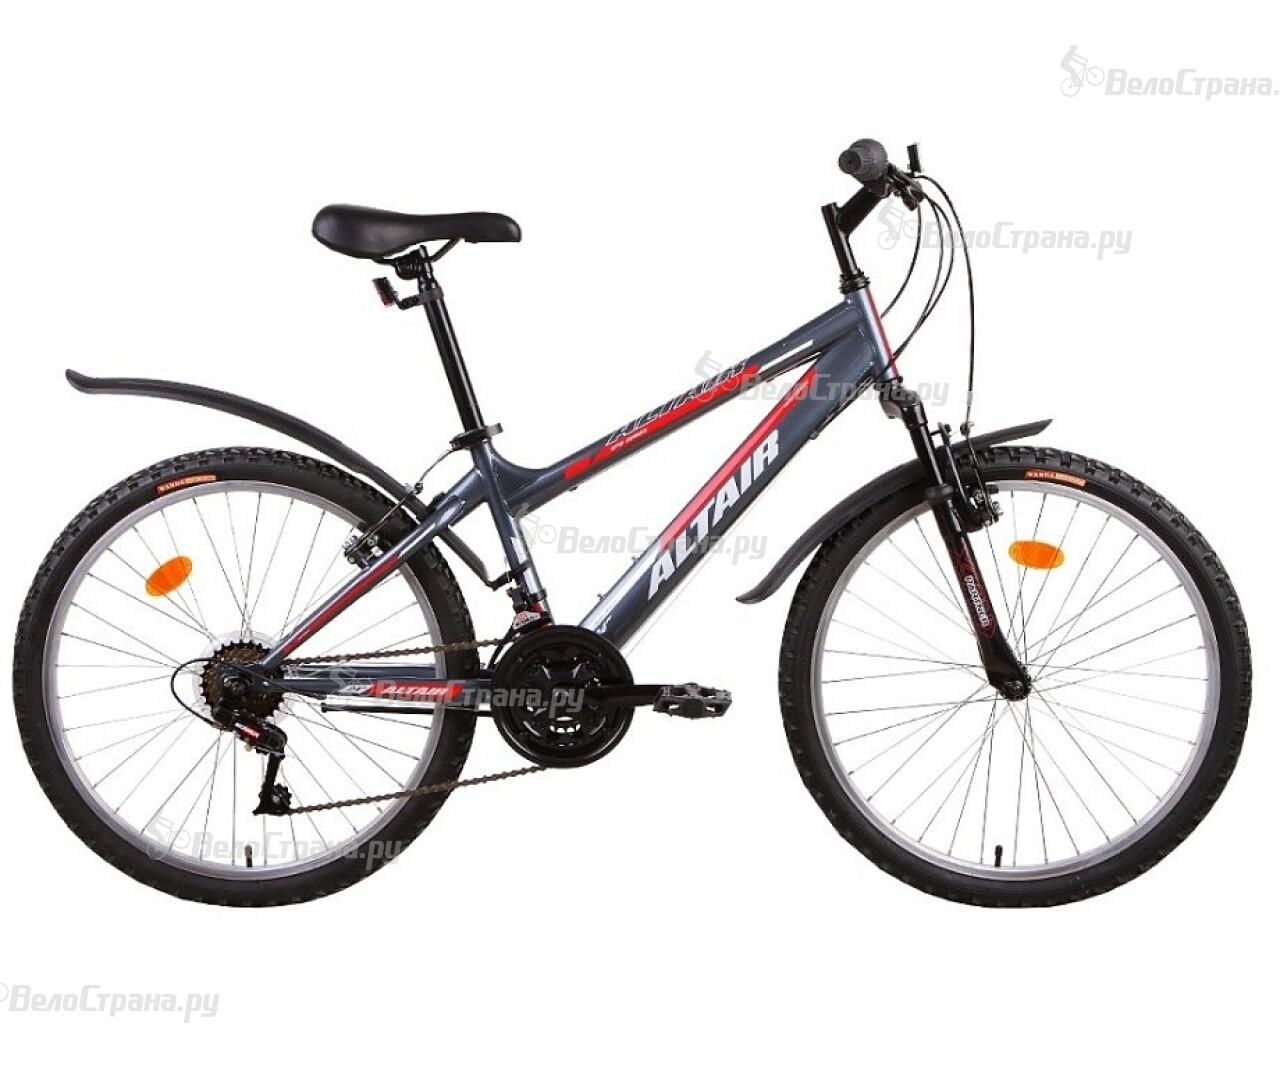 Велосипед Forward Altair MTB HT Junior 24 (2014) велосипед forward altair mtb ht 26 2015